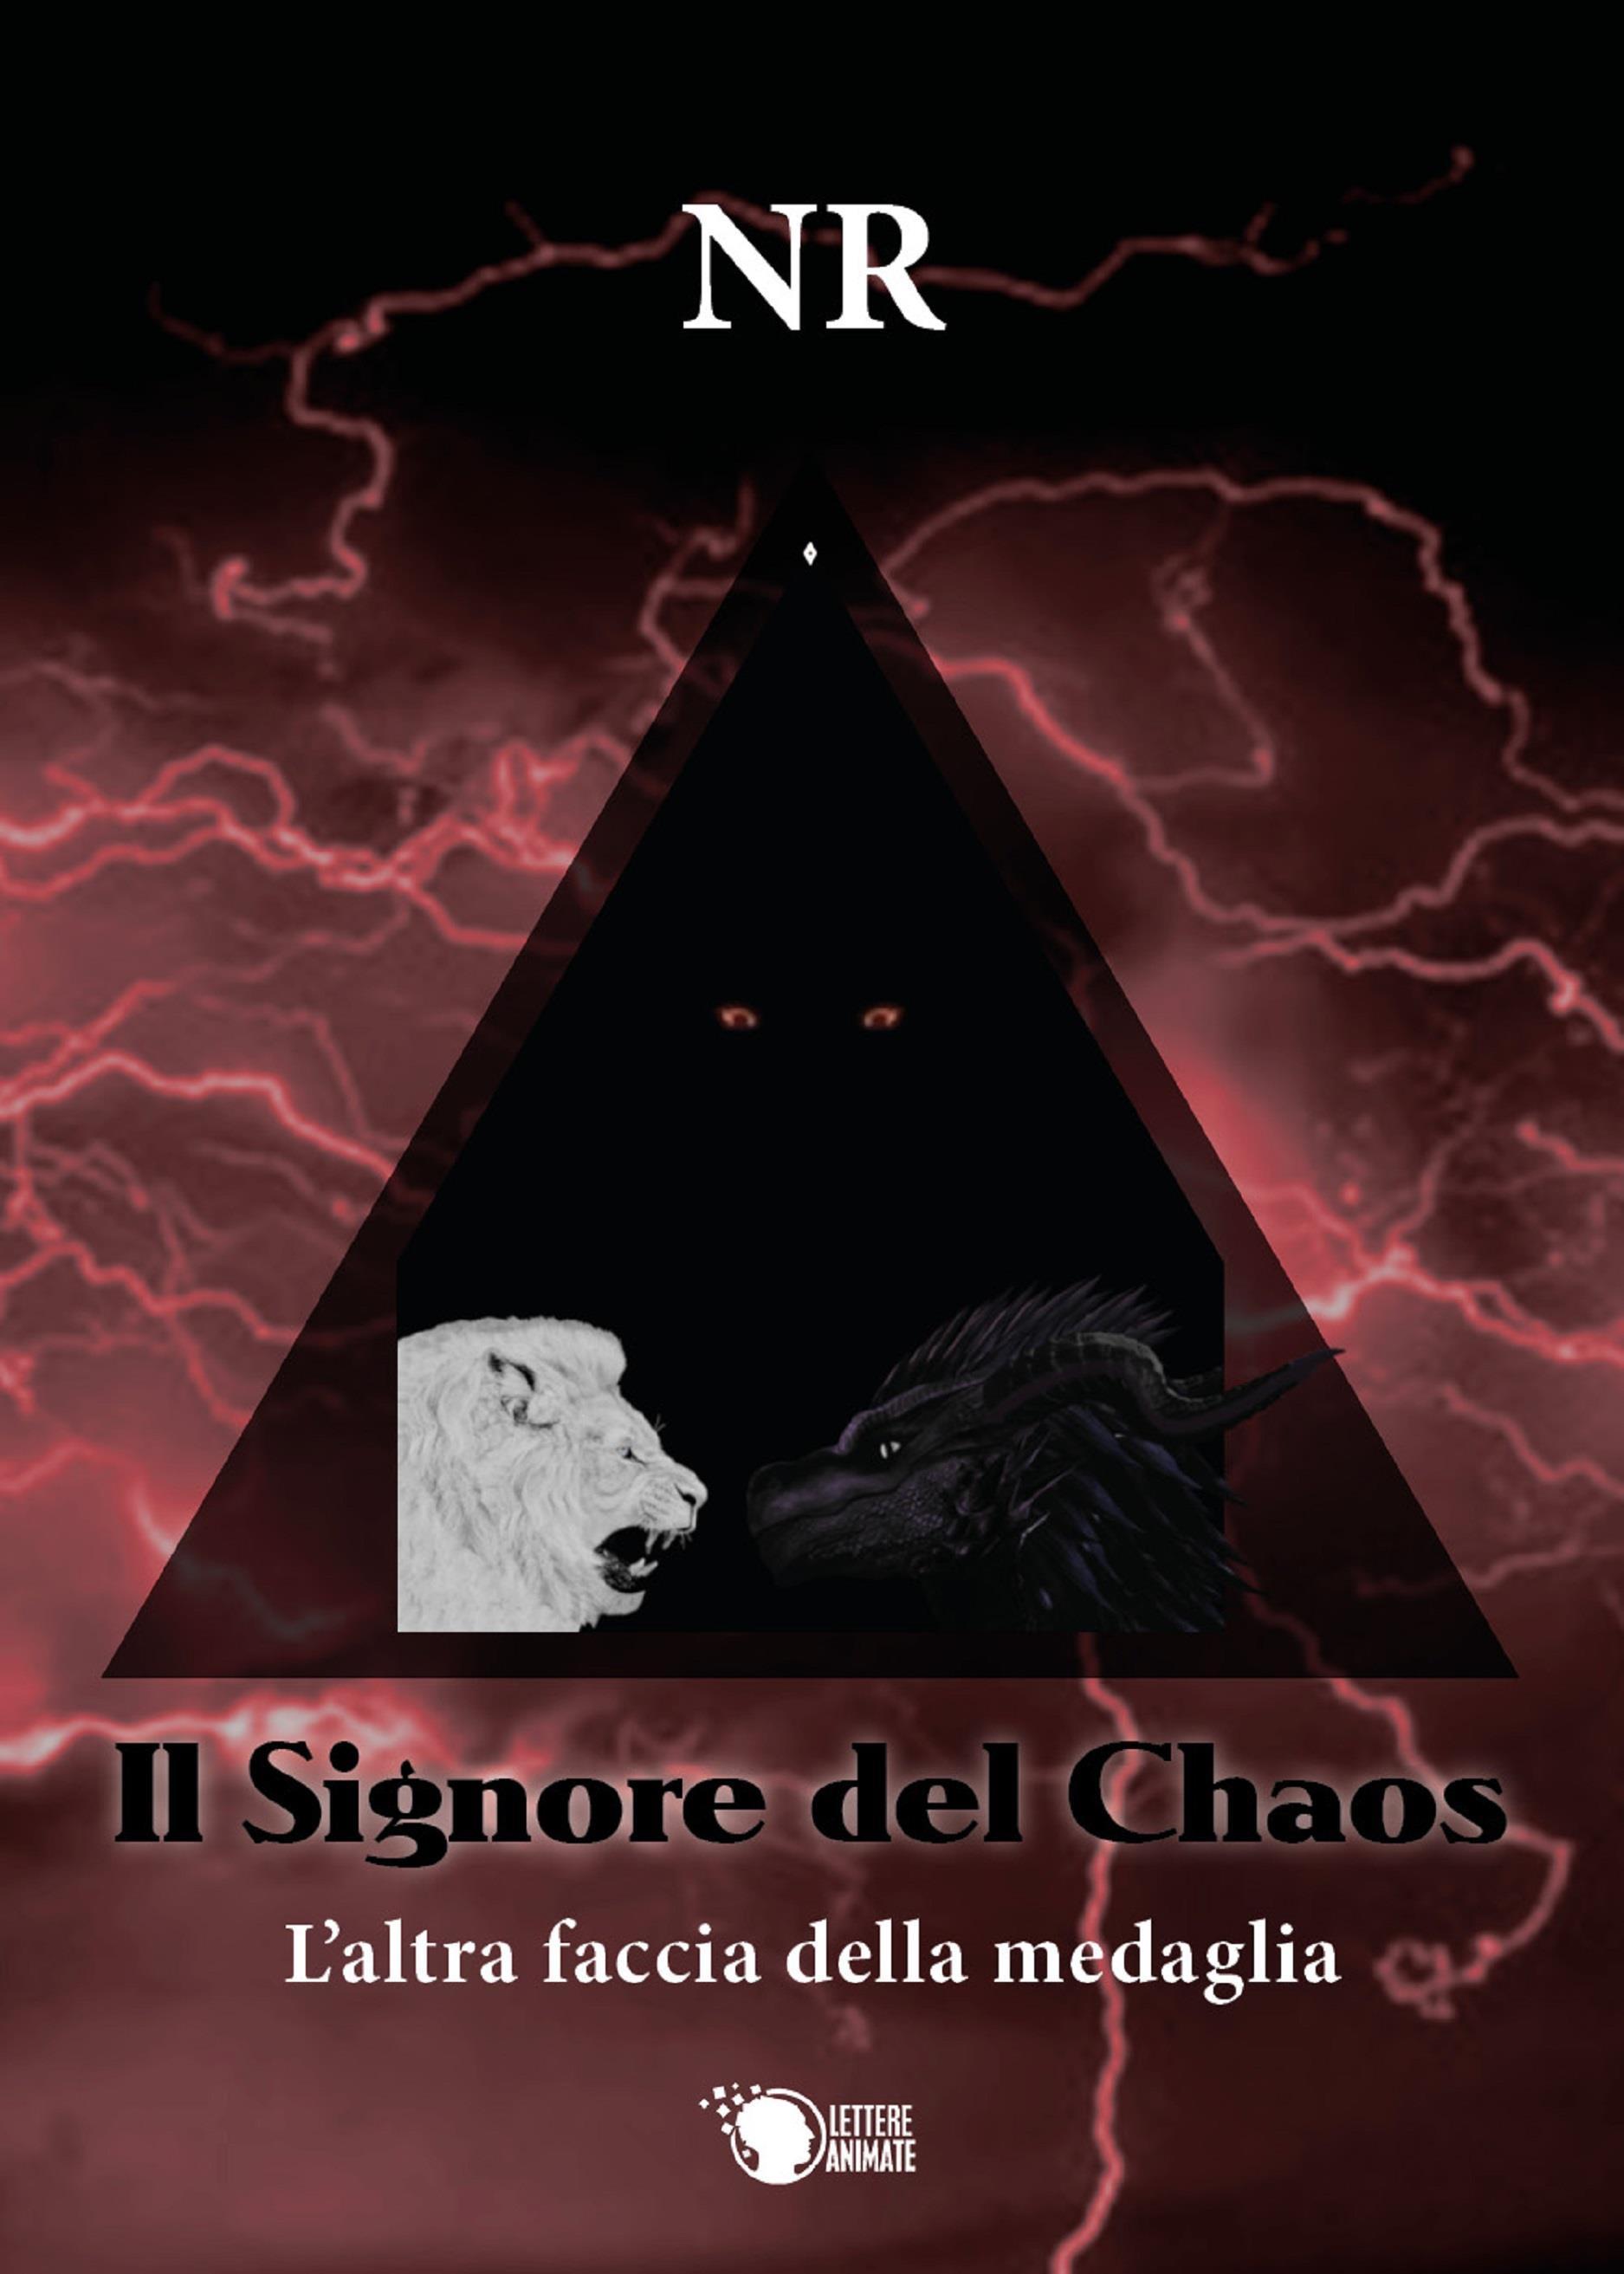 Il Signore del Chaos - L'altra faccia della medaglia